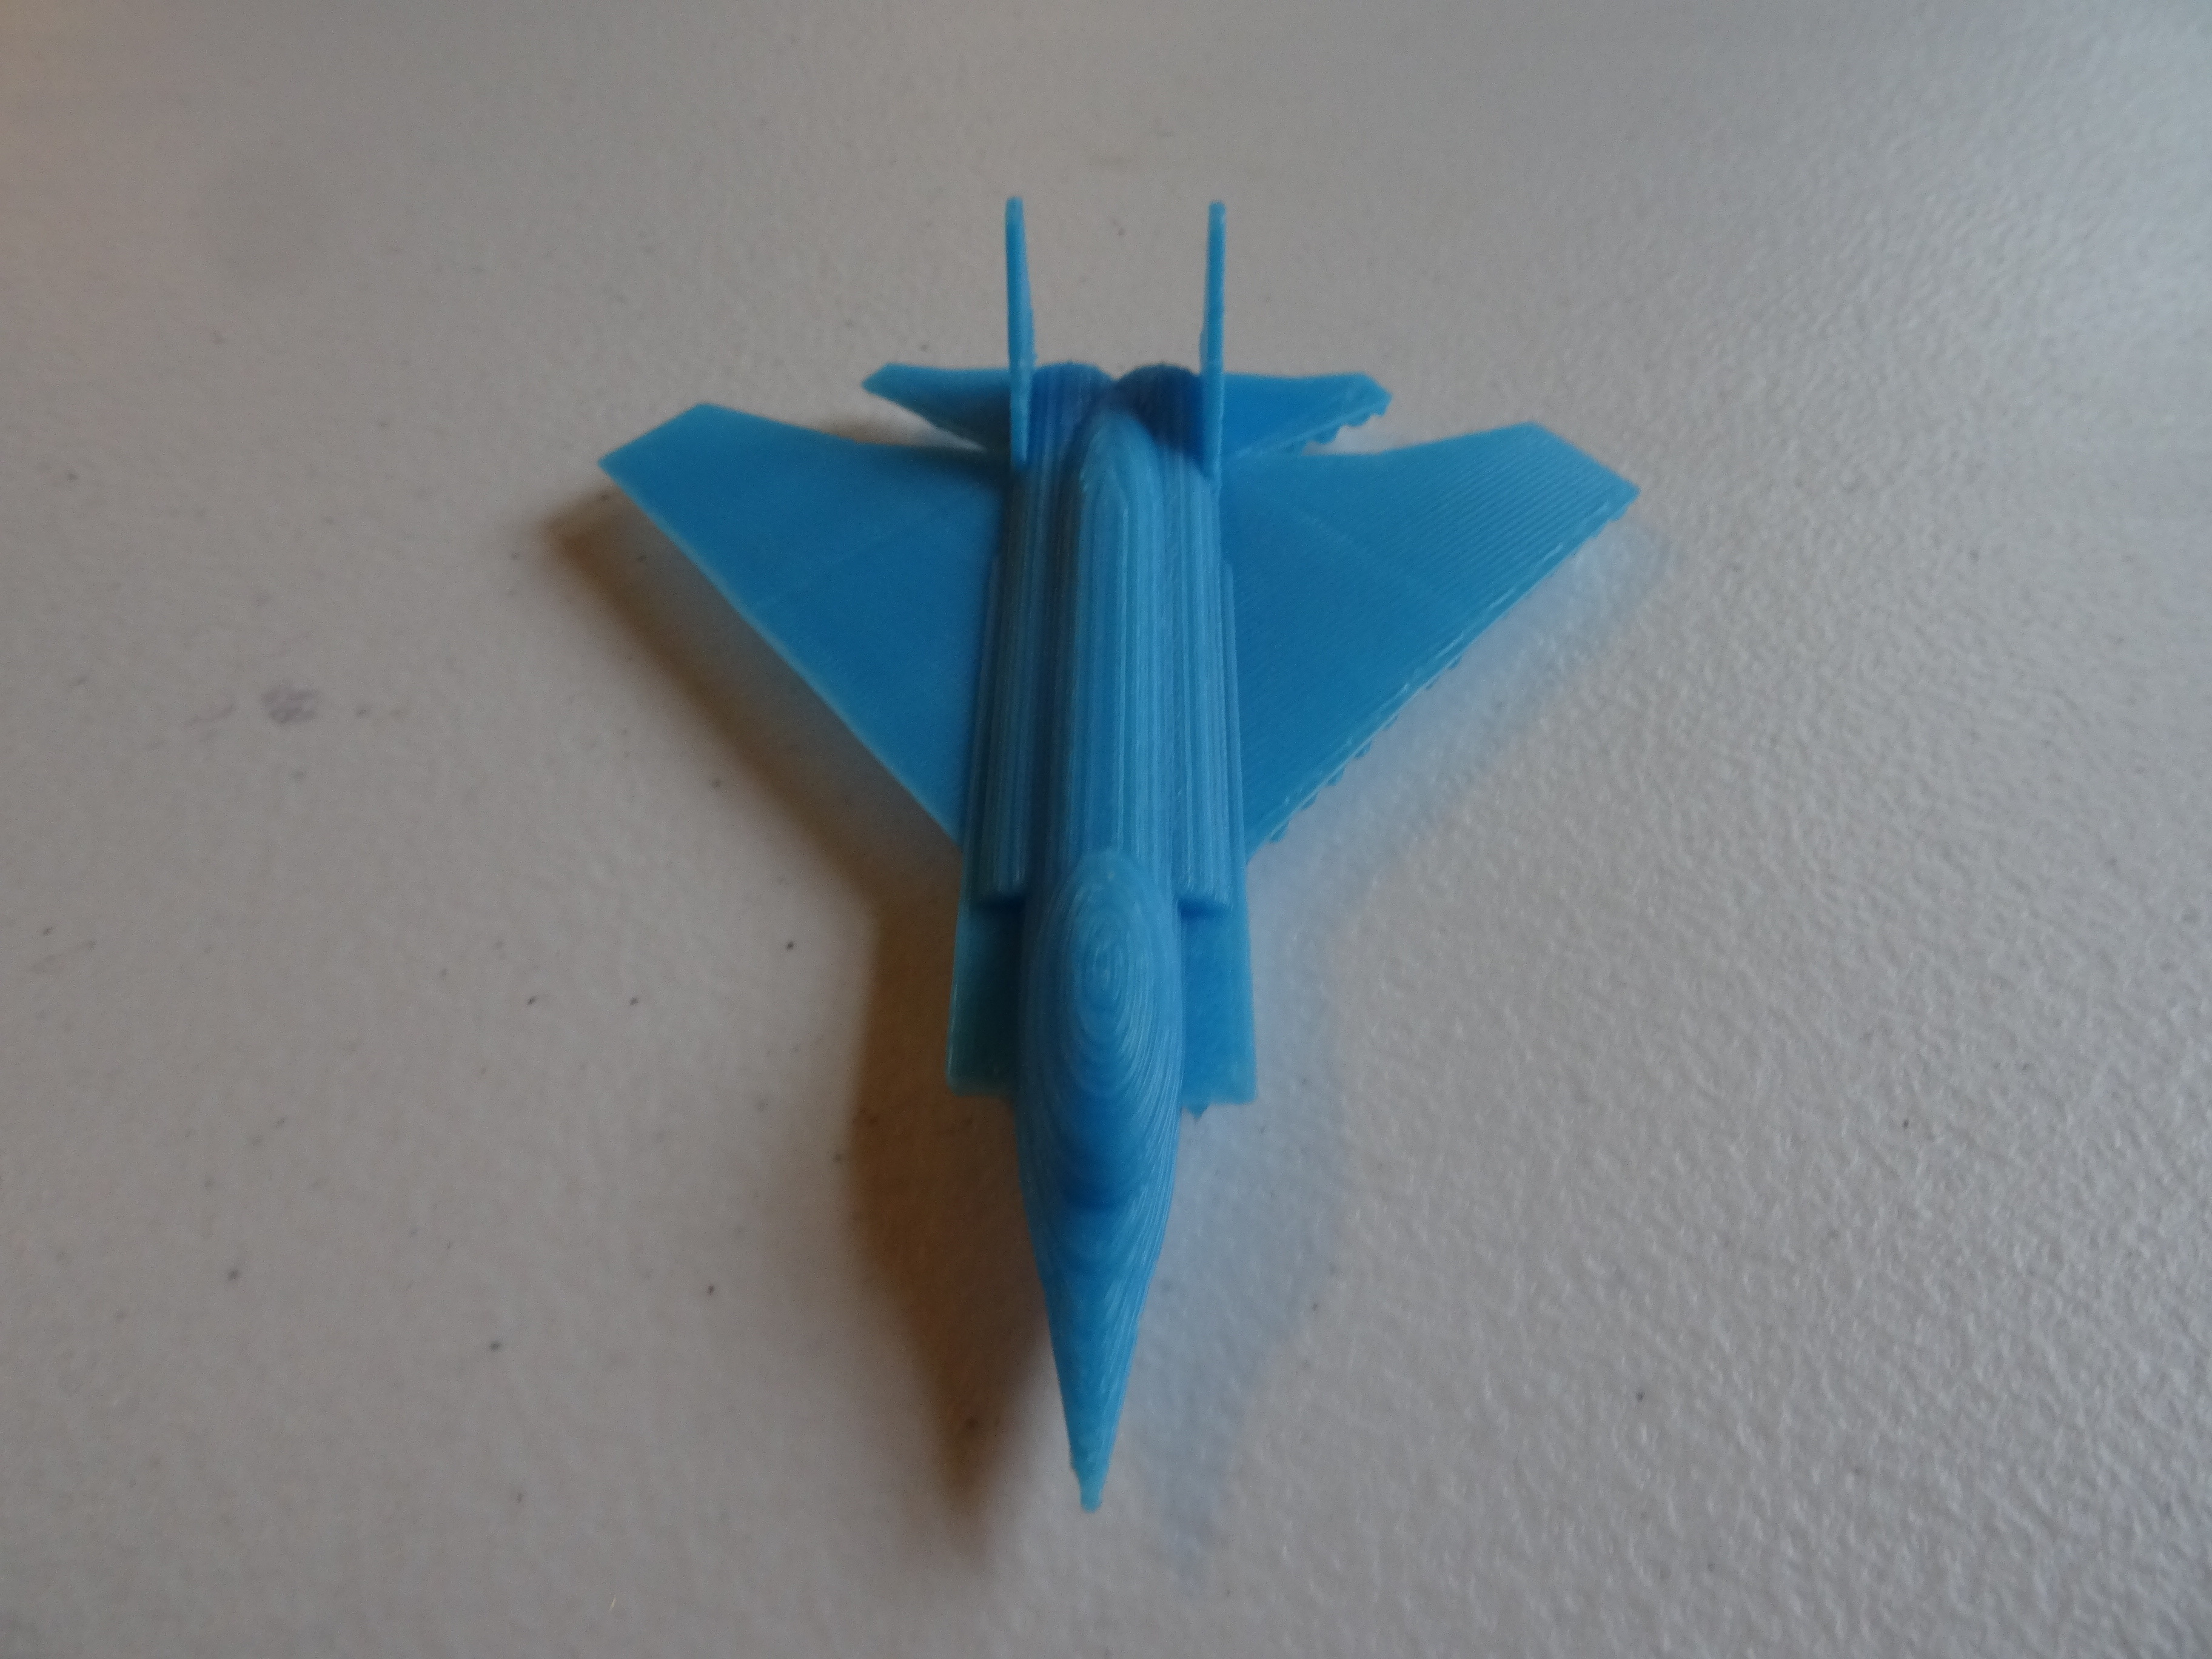 F-15 Eagle @ Pinshape